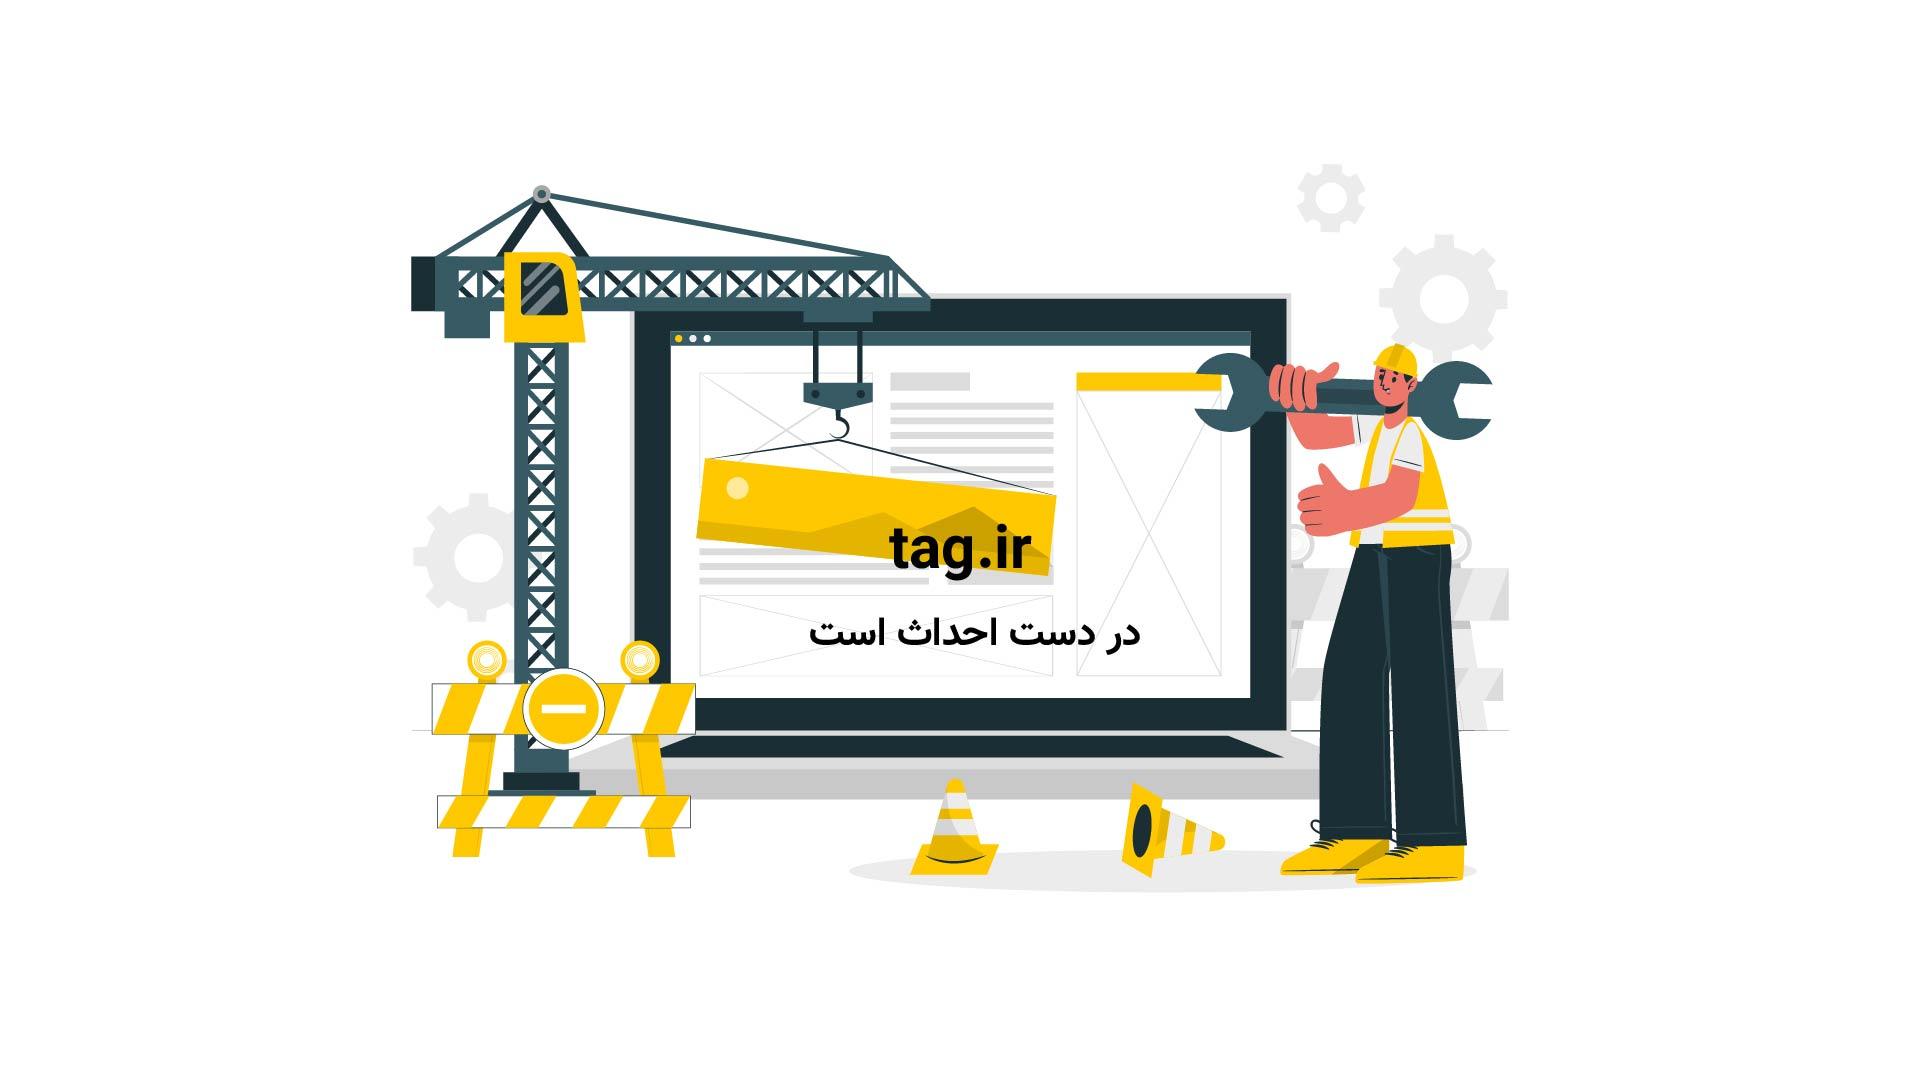 صحنههایی زیبا از شکار و نبرد در حیات وحش|تگ